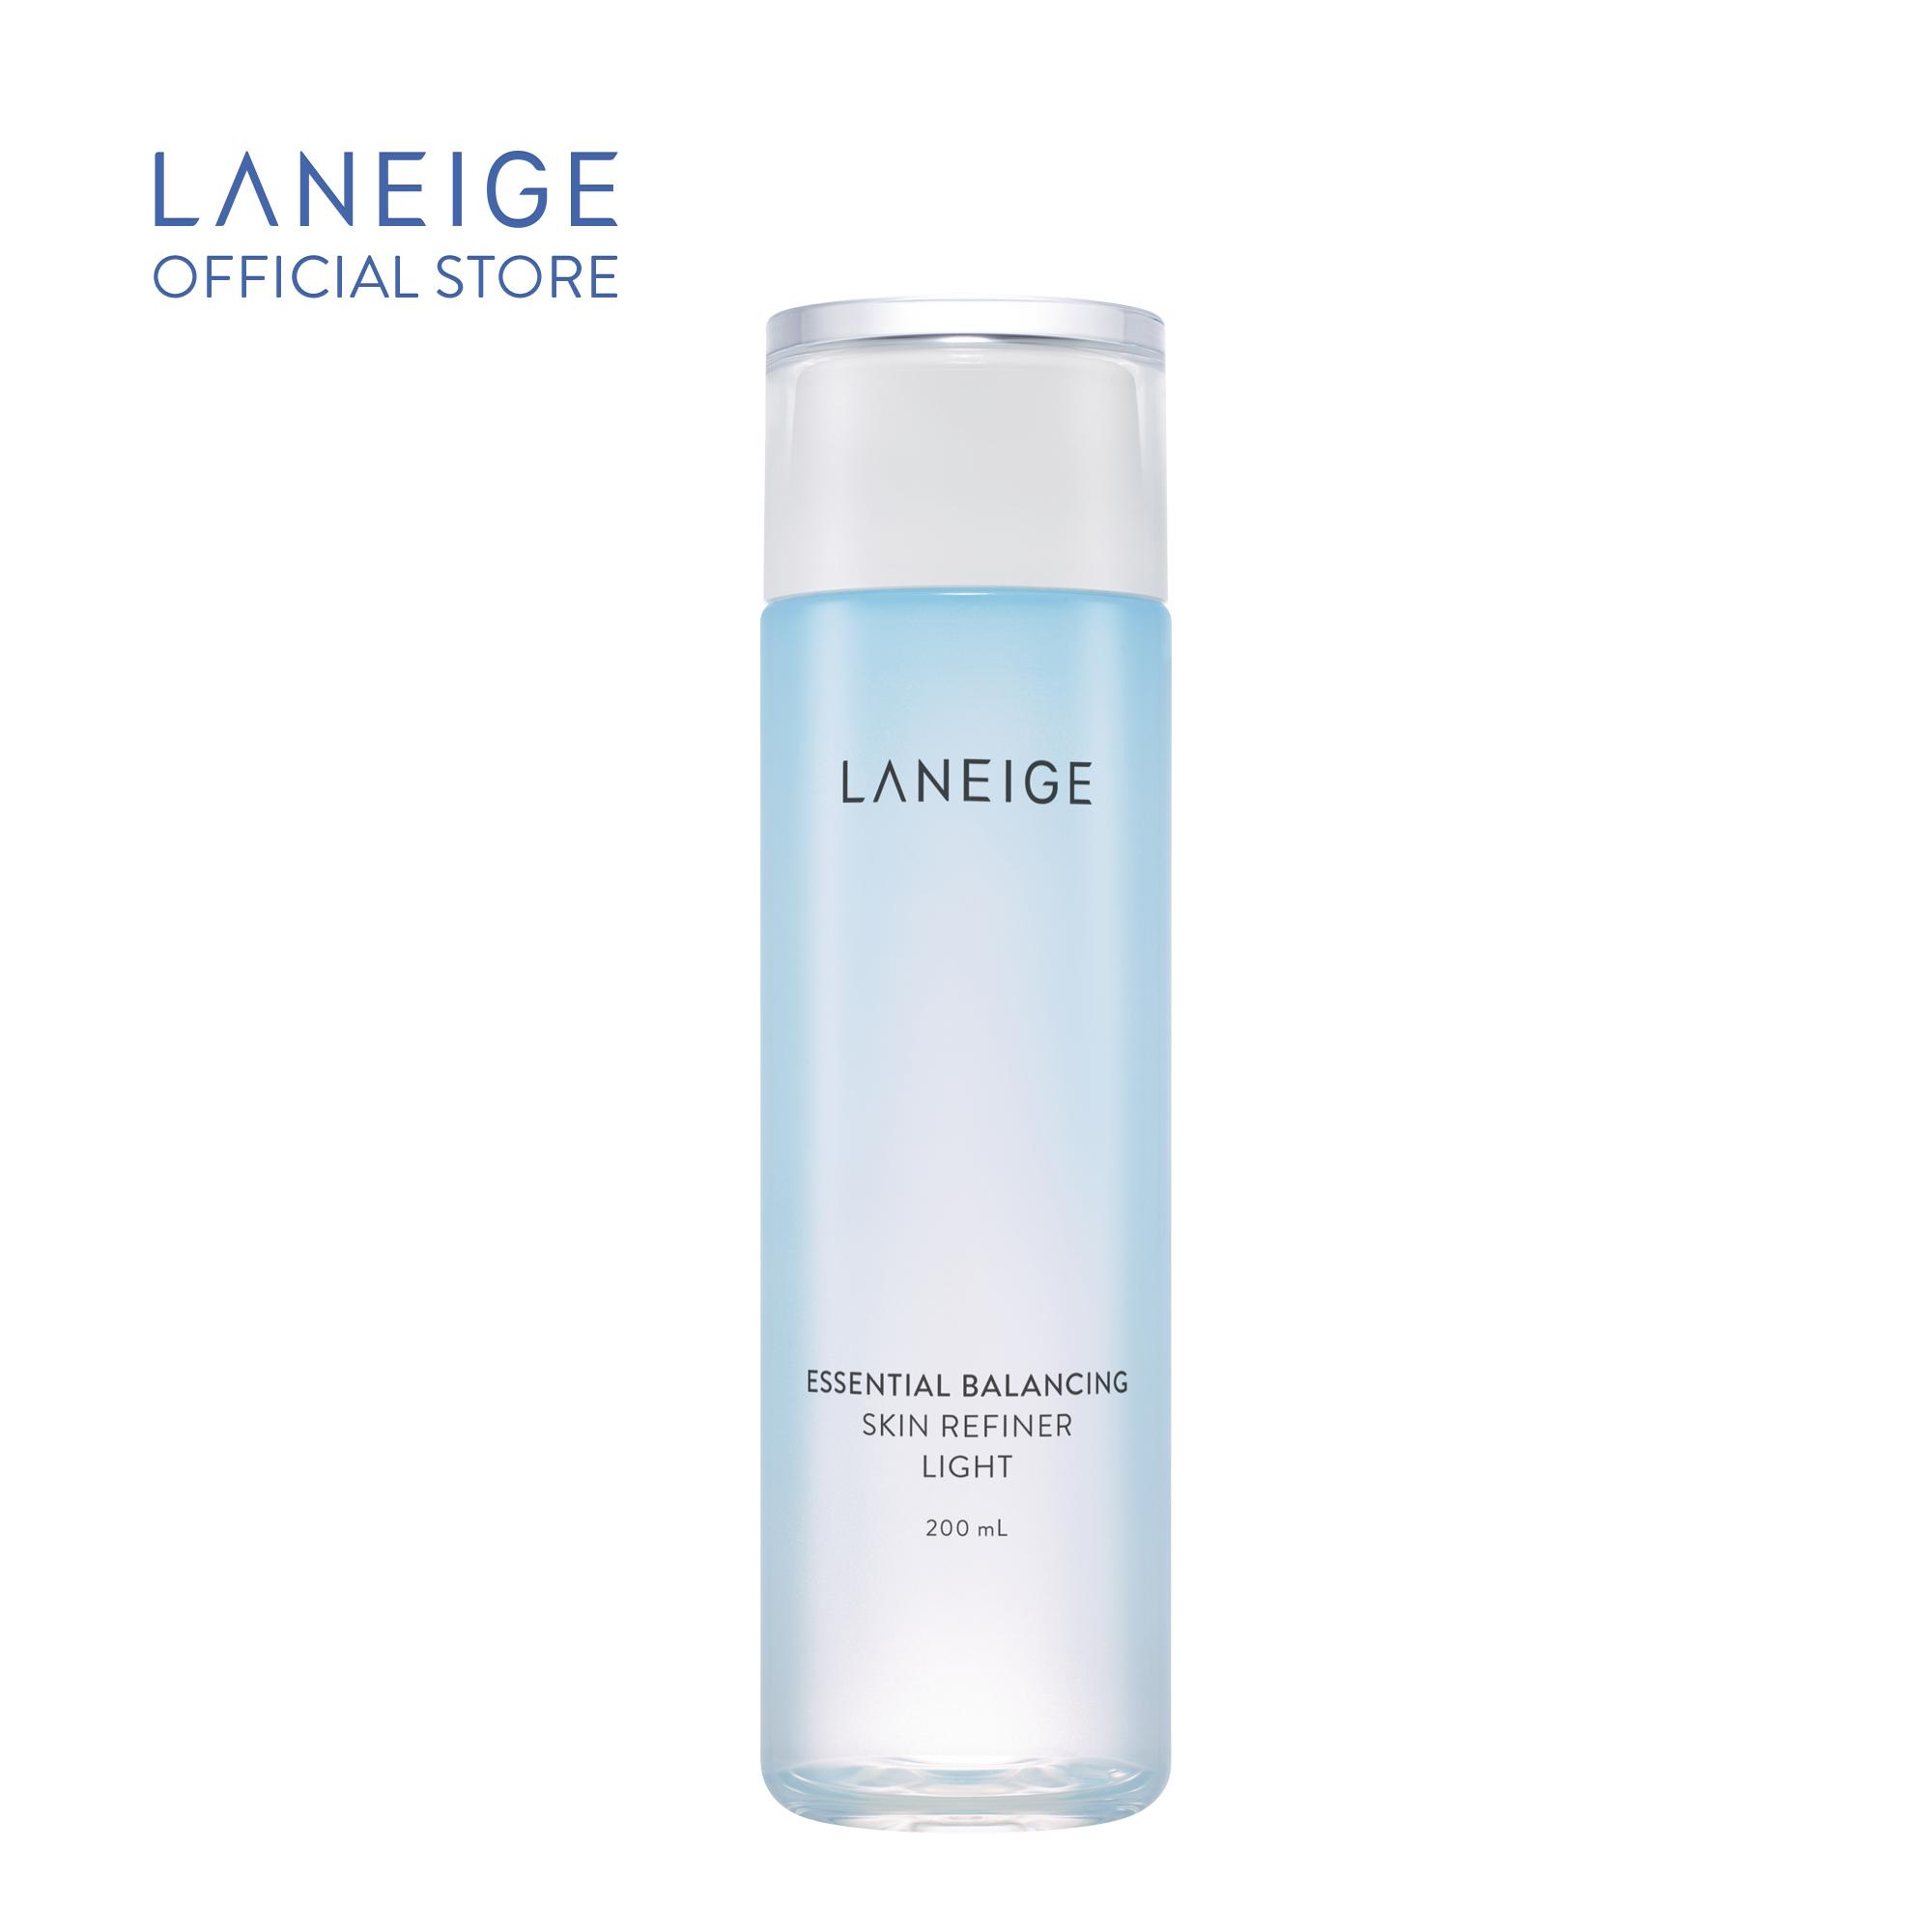 Nước Cân Bằng Laneige Essential Balancing Skin Refiner Light Cho Da Dầu Và Hỗn Hợp 200Ml